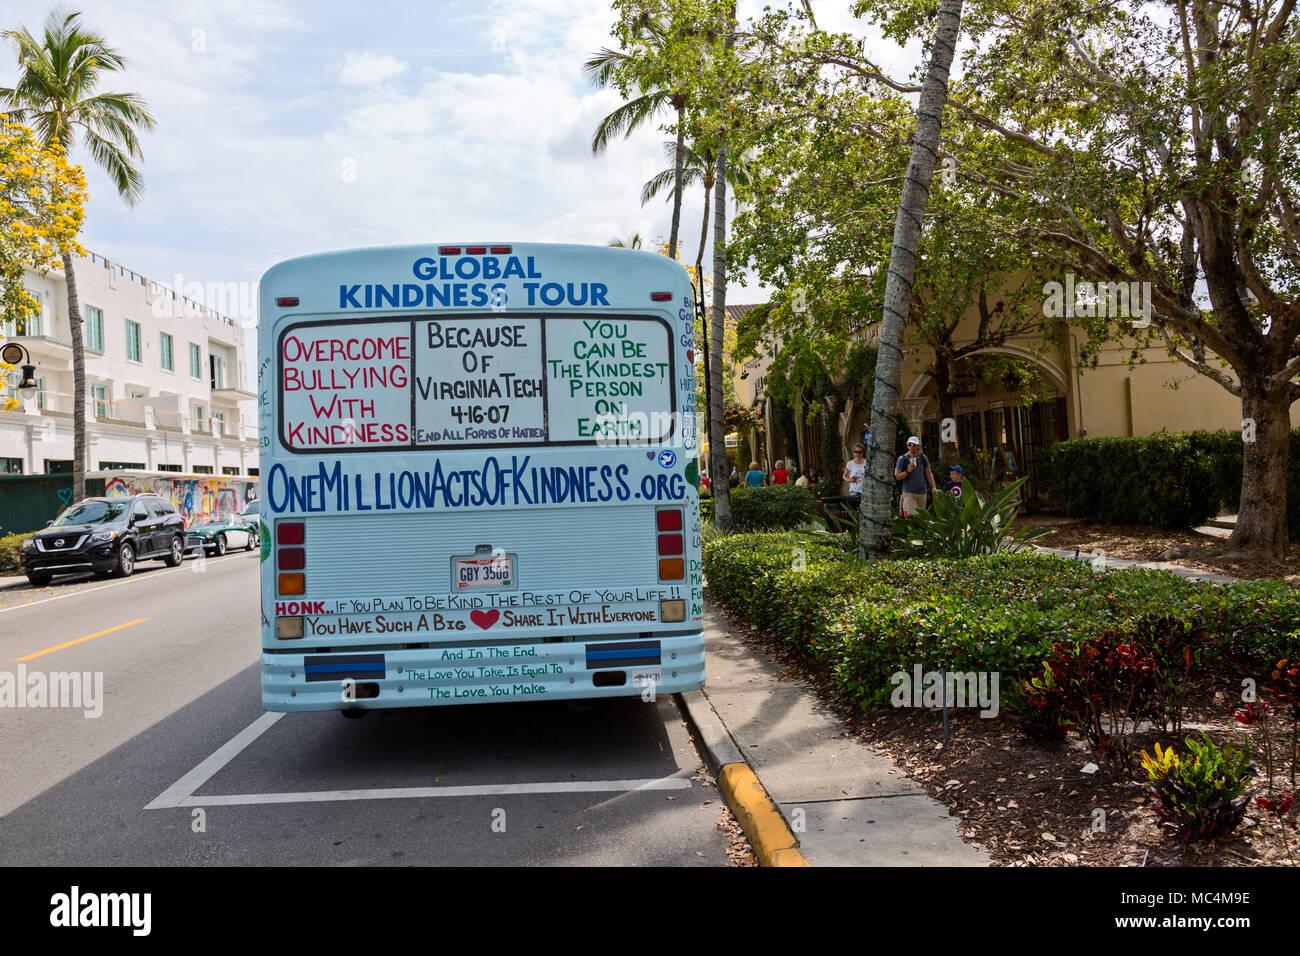 Global gentilezza tour, tour del paese in un dipinto di bus, raccolta di donazione per la prevenzione del bullismo e suicidi. Immagini Stock